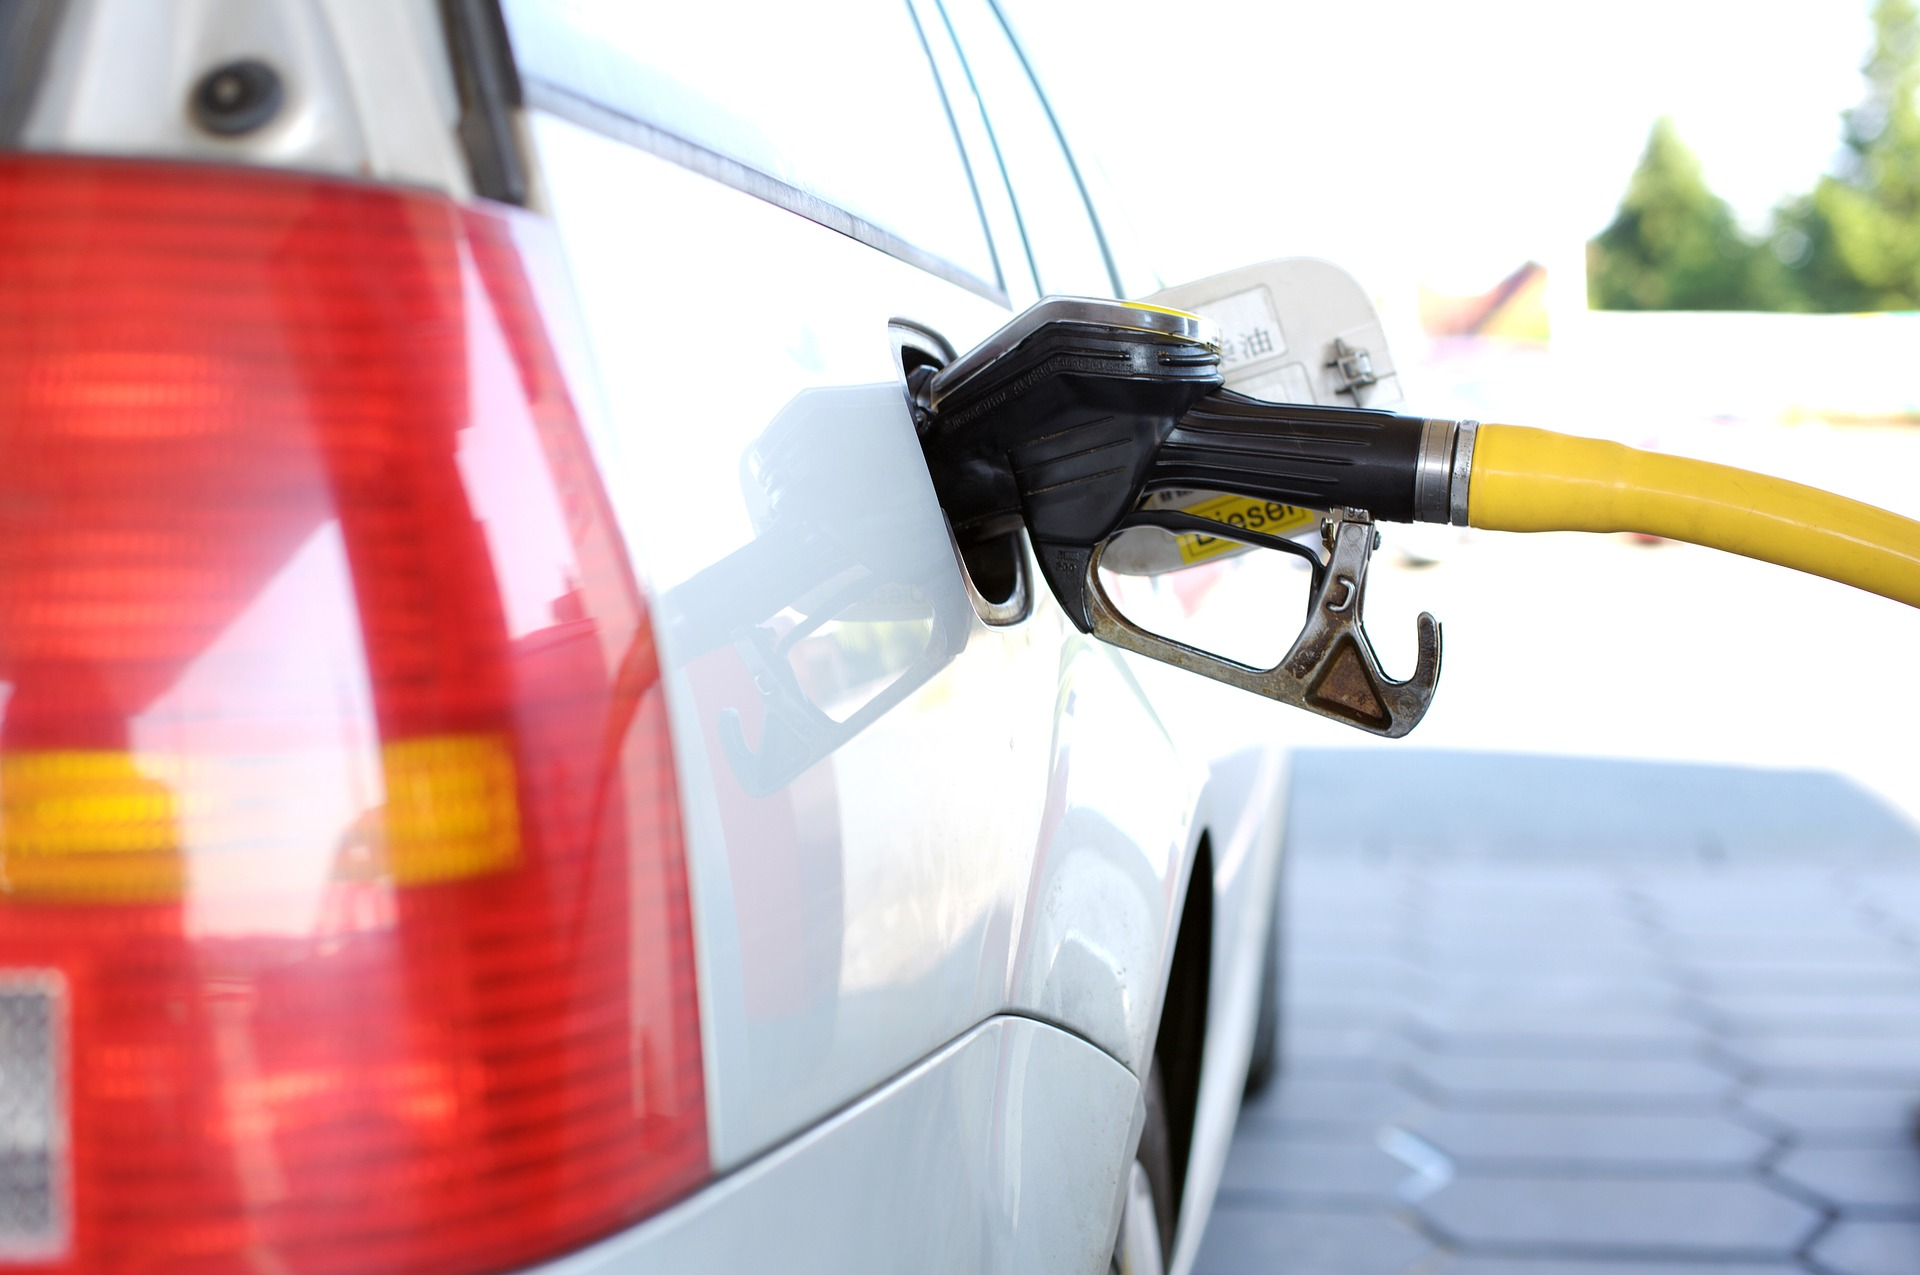 ガソリンスタンド・石油の日のイメージ画像